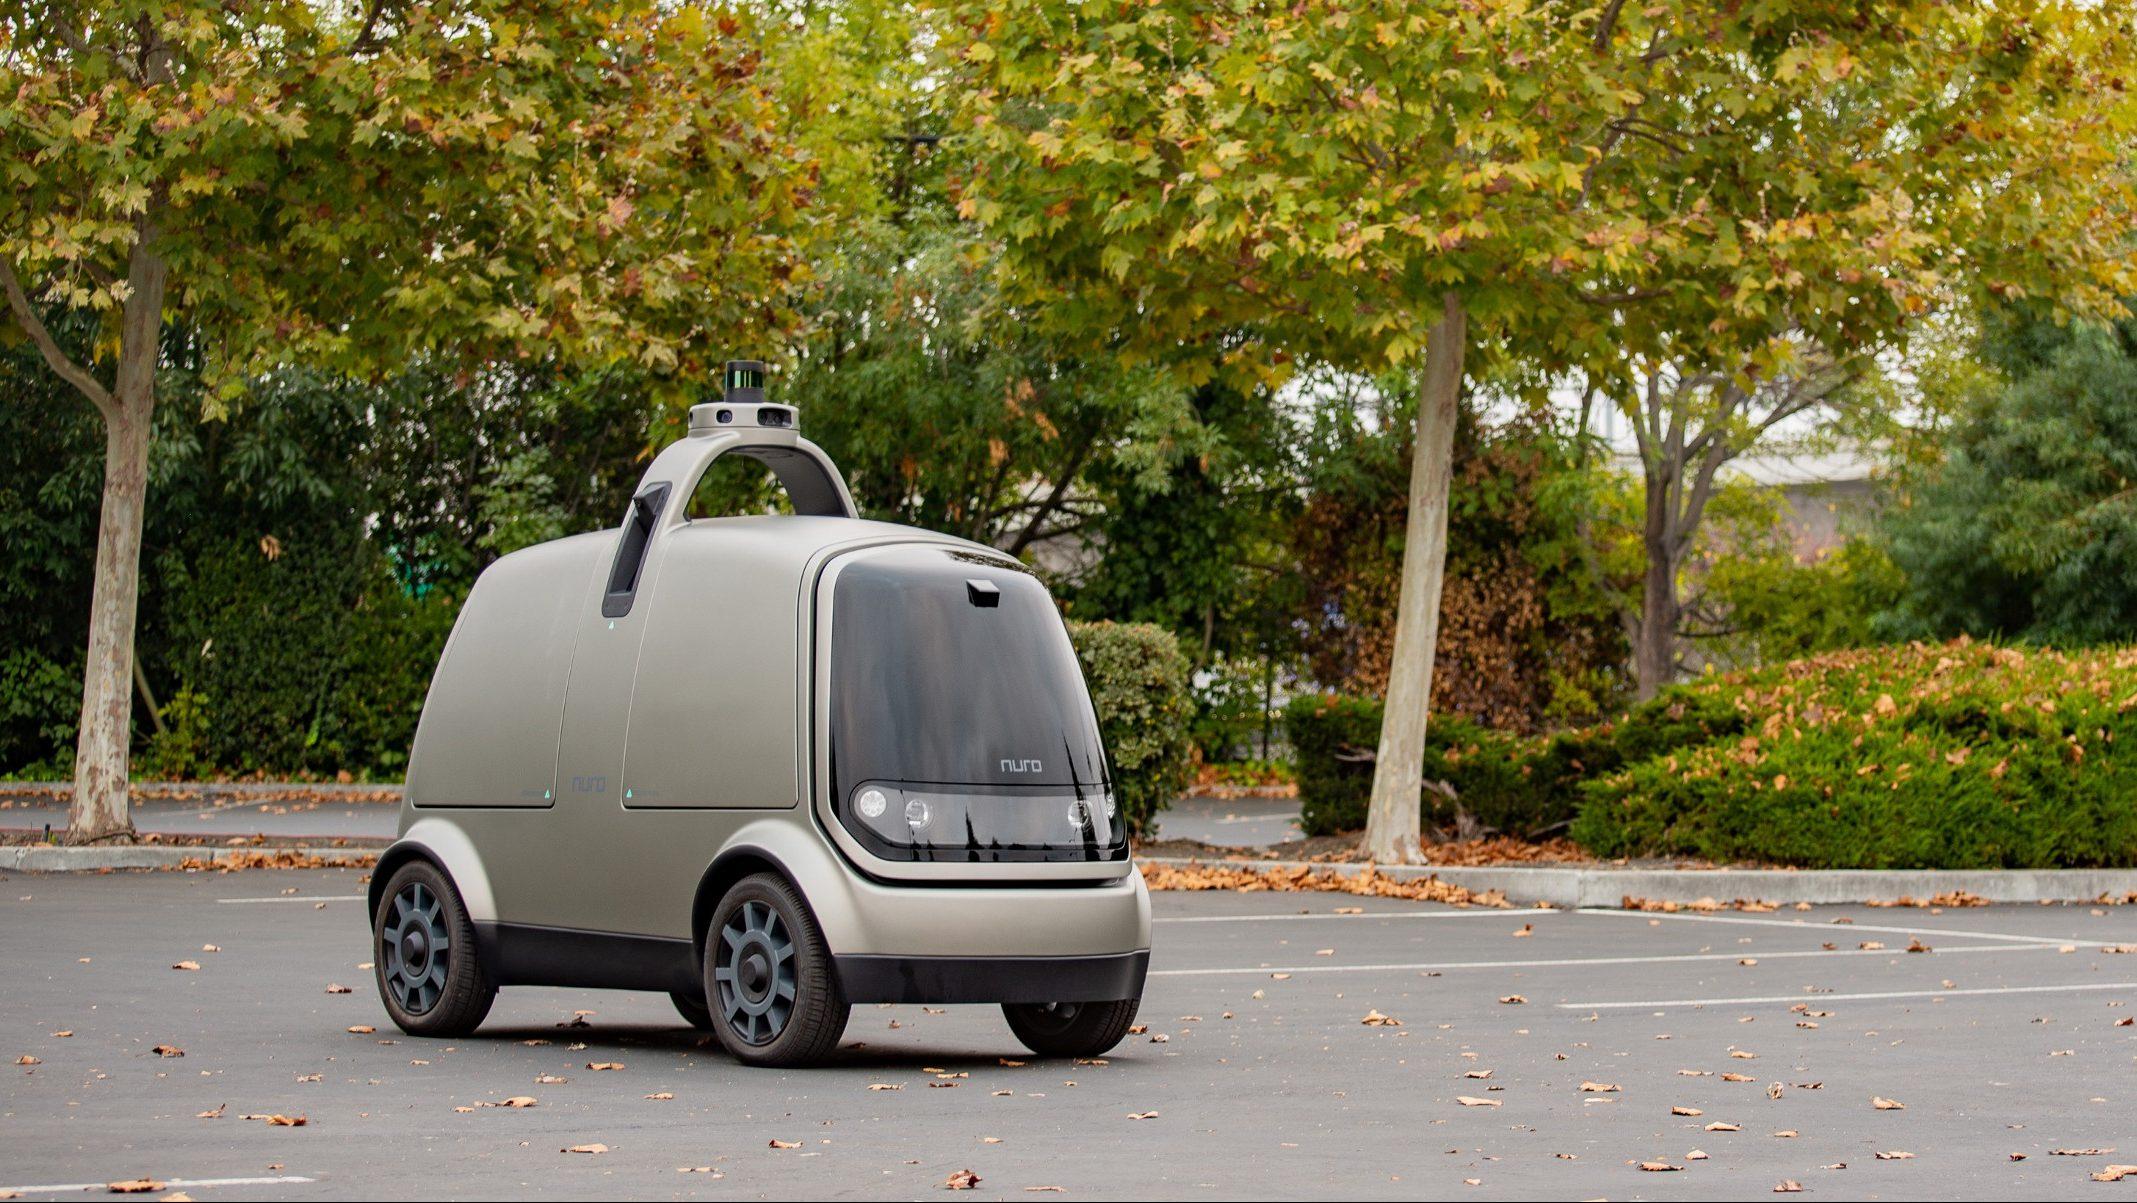 A Nuro delivery robot.